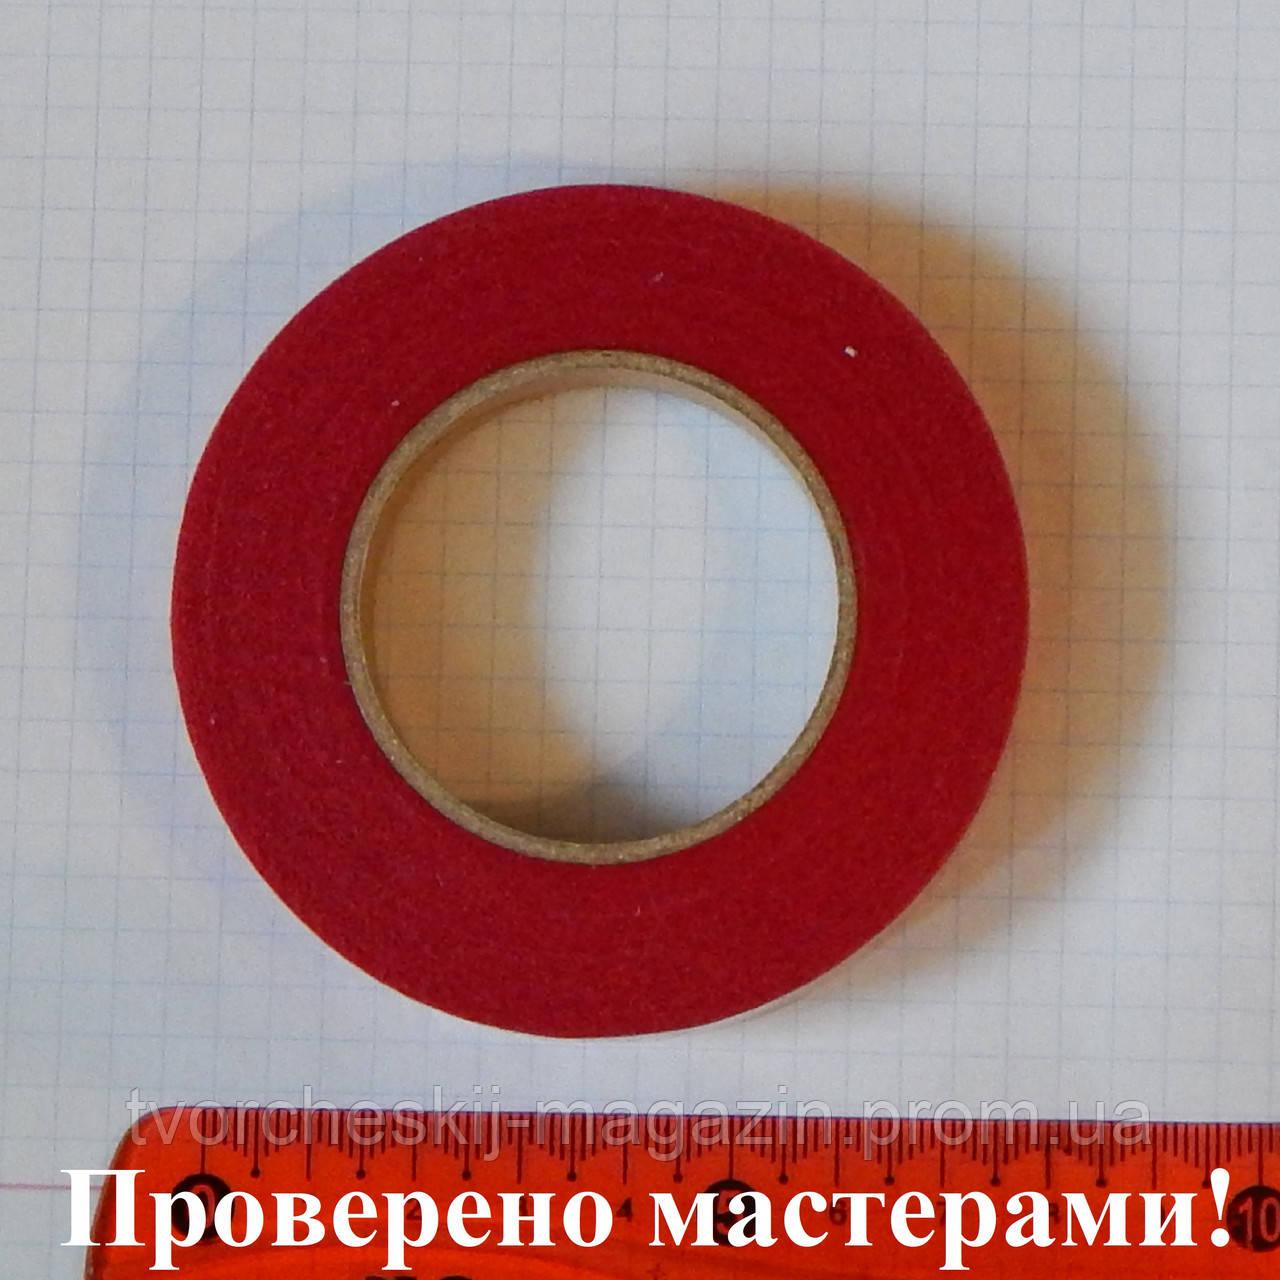 Тейп-Лента темно красная (бордовая), 27 м, 1,2 см (12 мм) 1 большая бобина